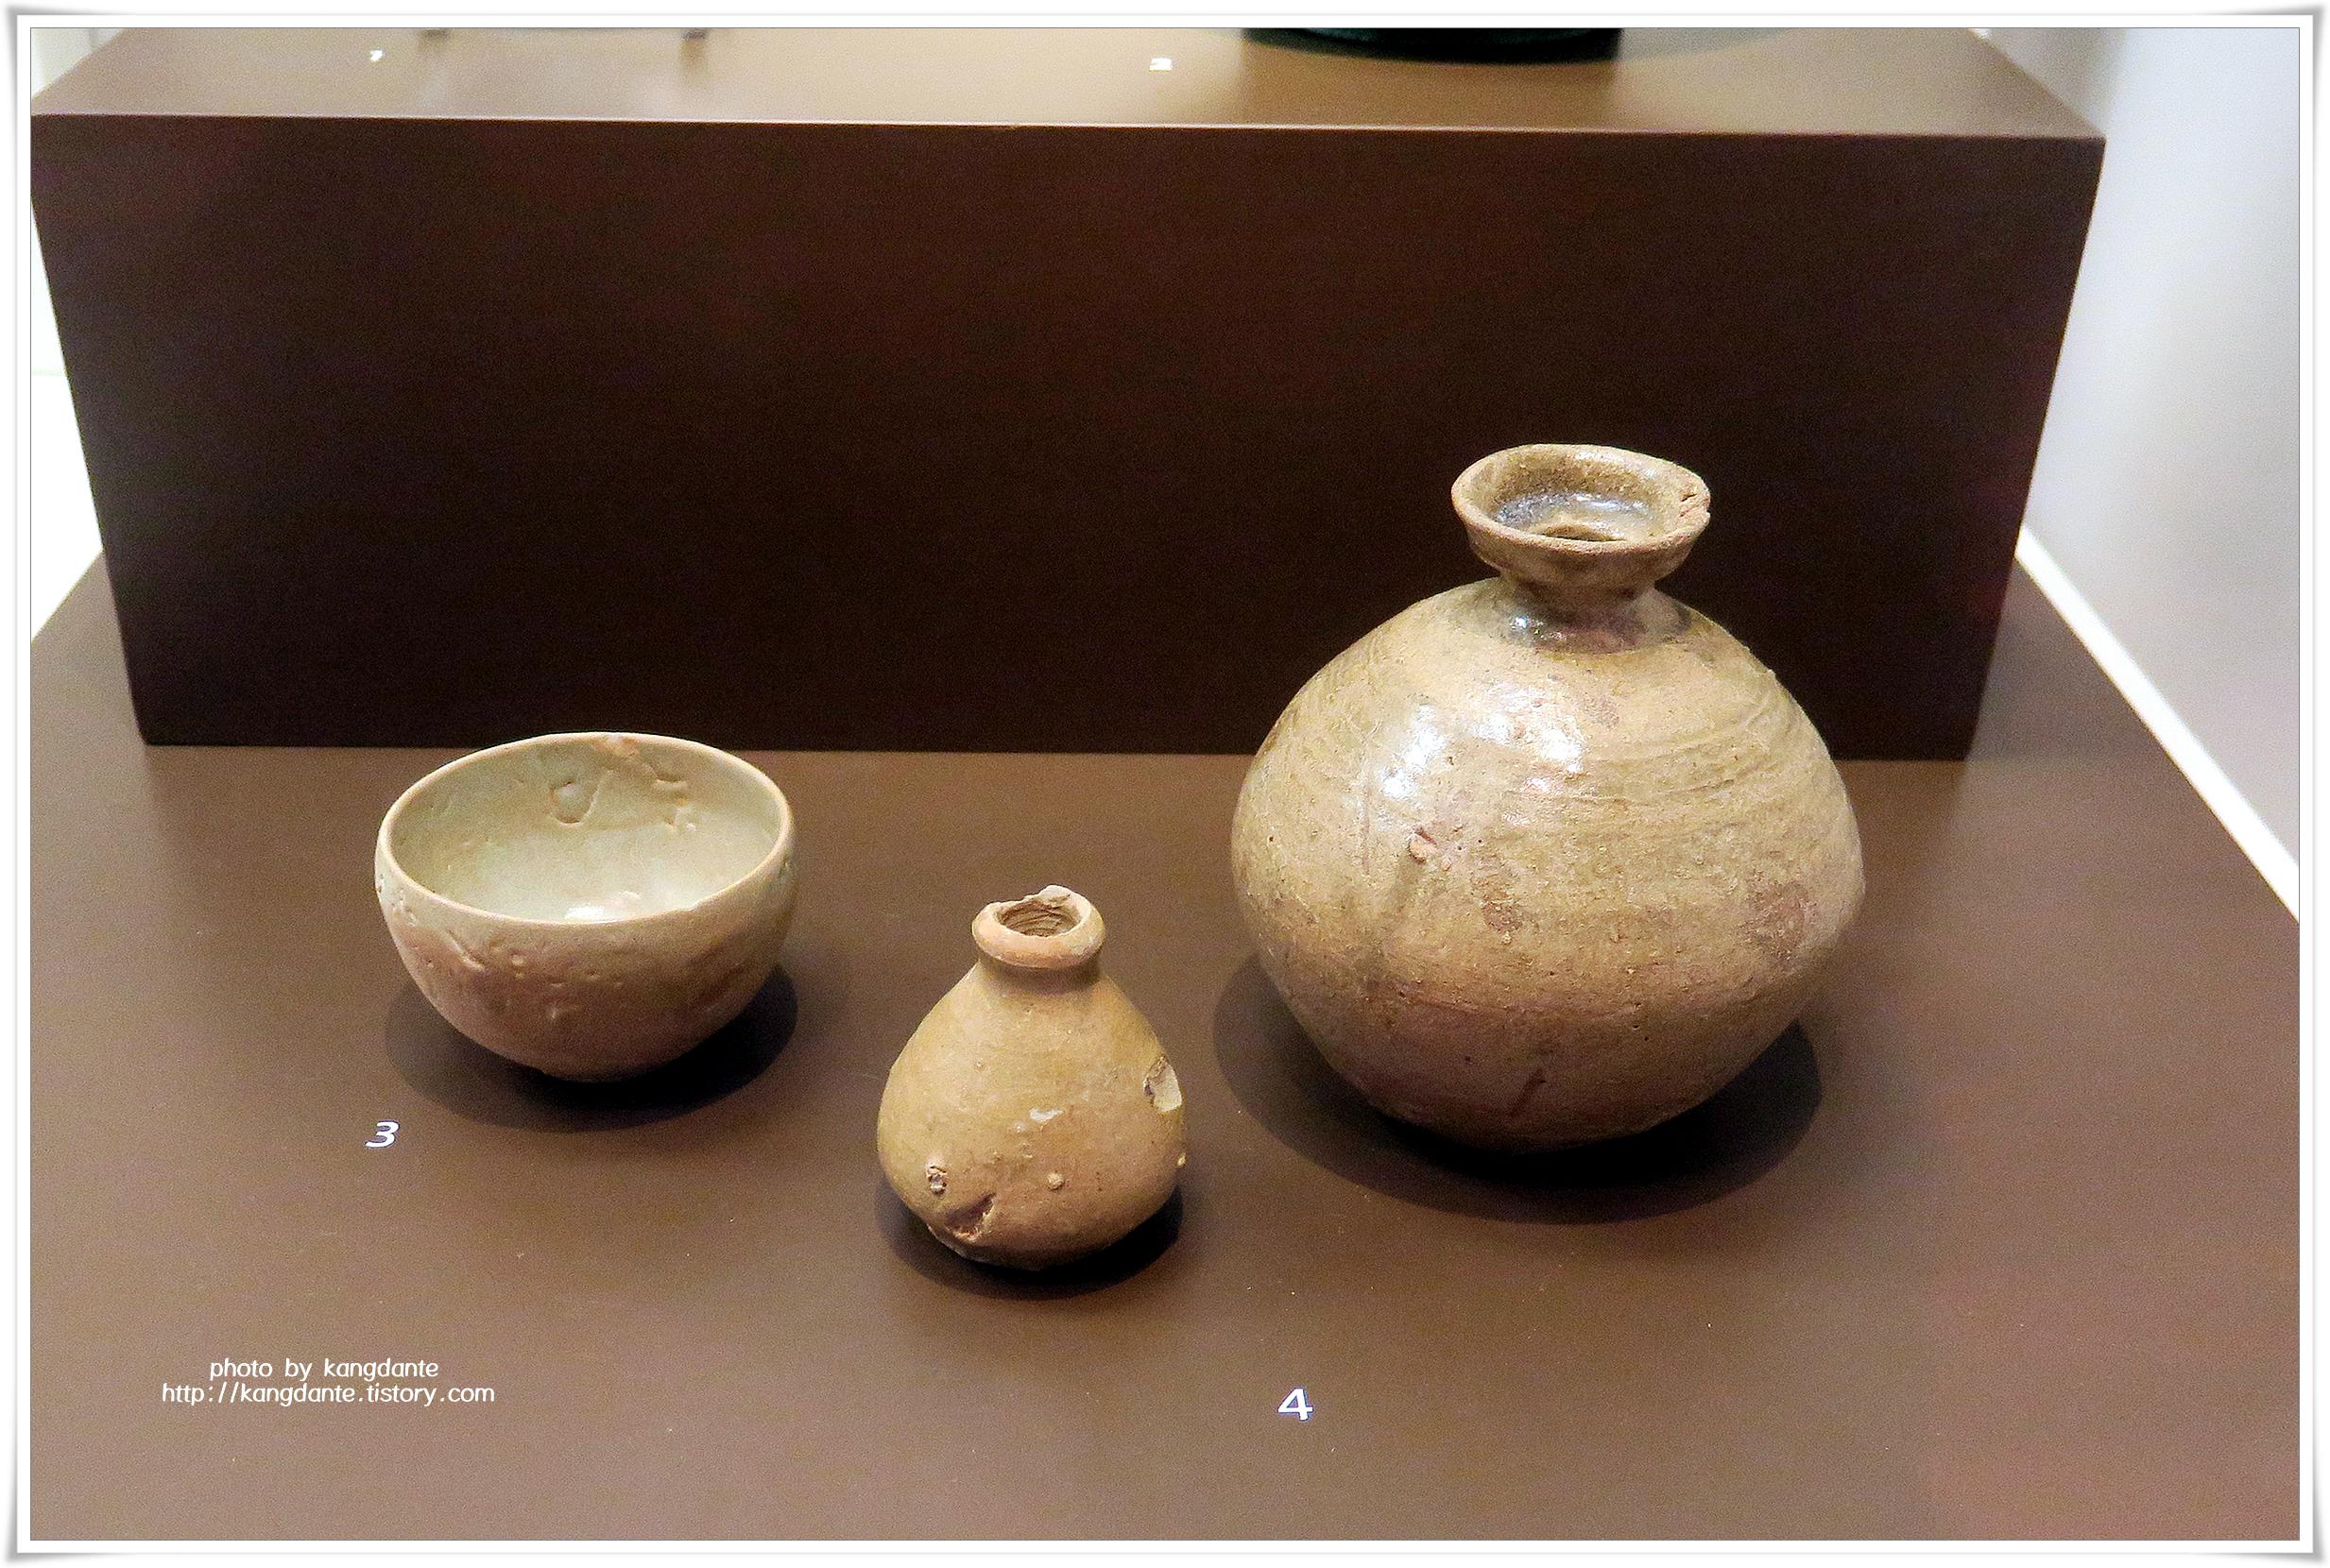 국립중앙박물관의 중ㆍ근세관(고려실)